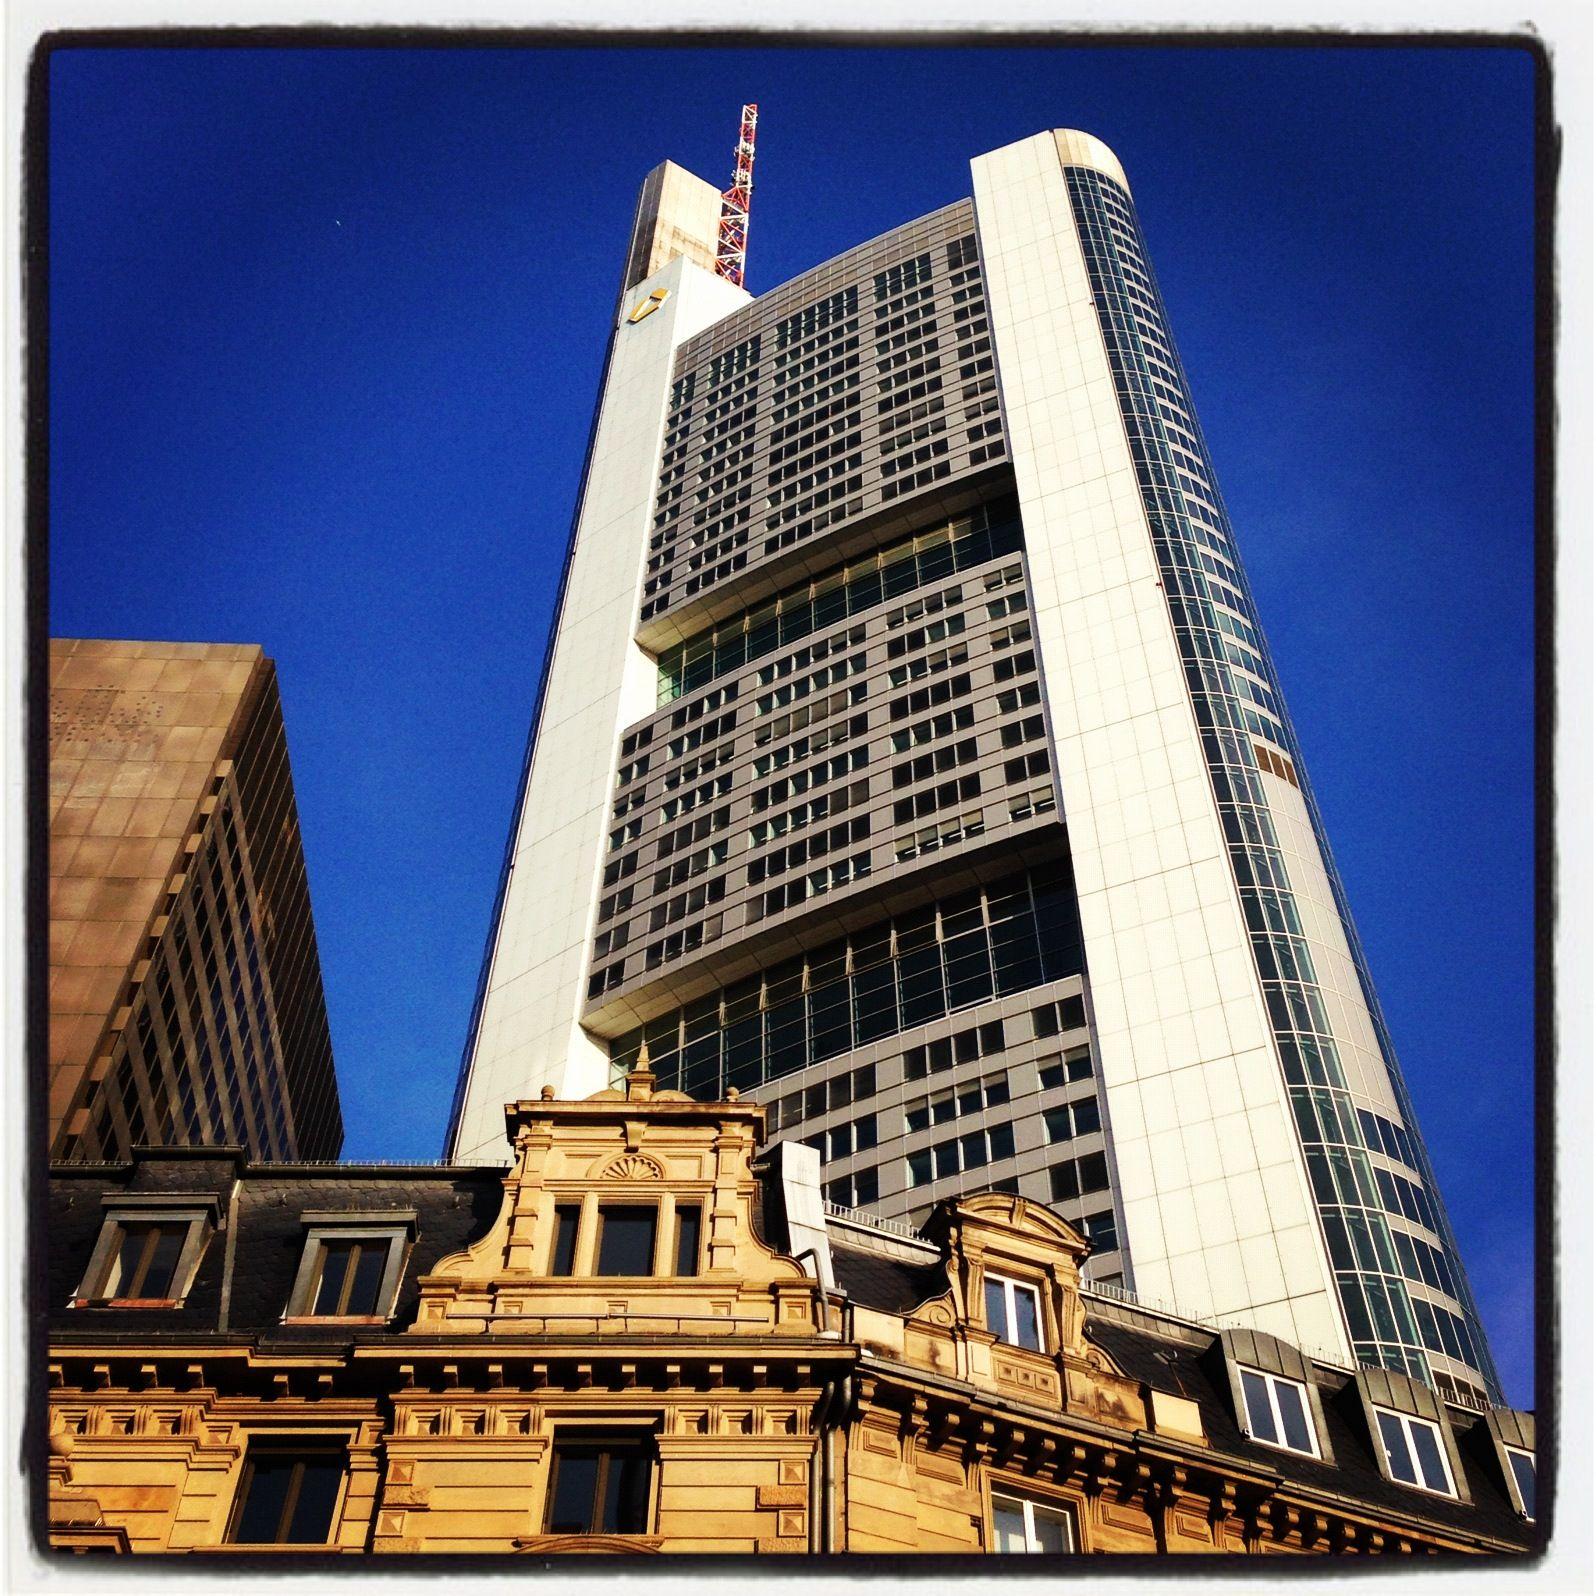 Frankfurt Commerzbank